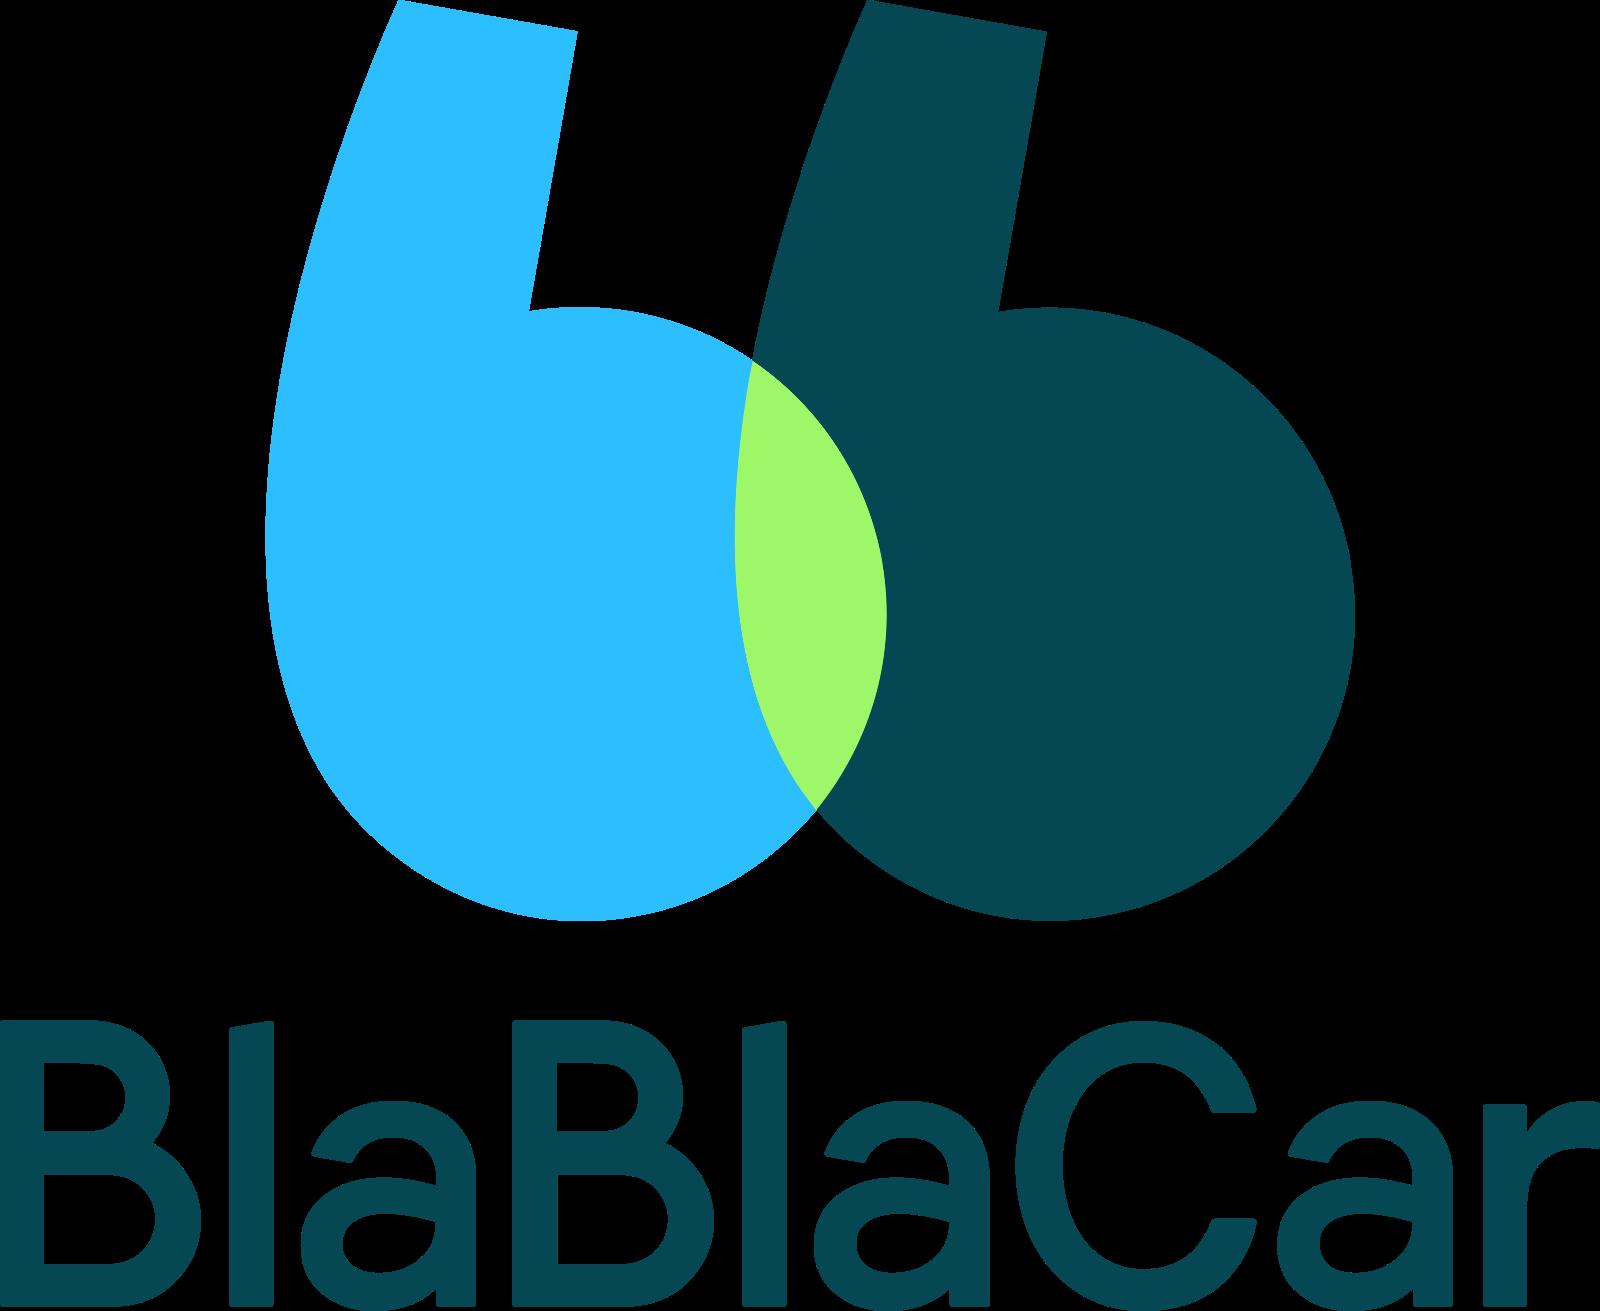 blablacar logo 5 1 - Bla Bla Car Logo